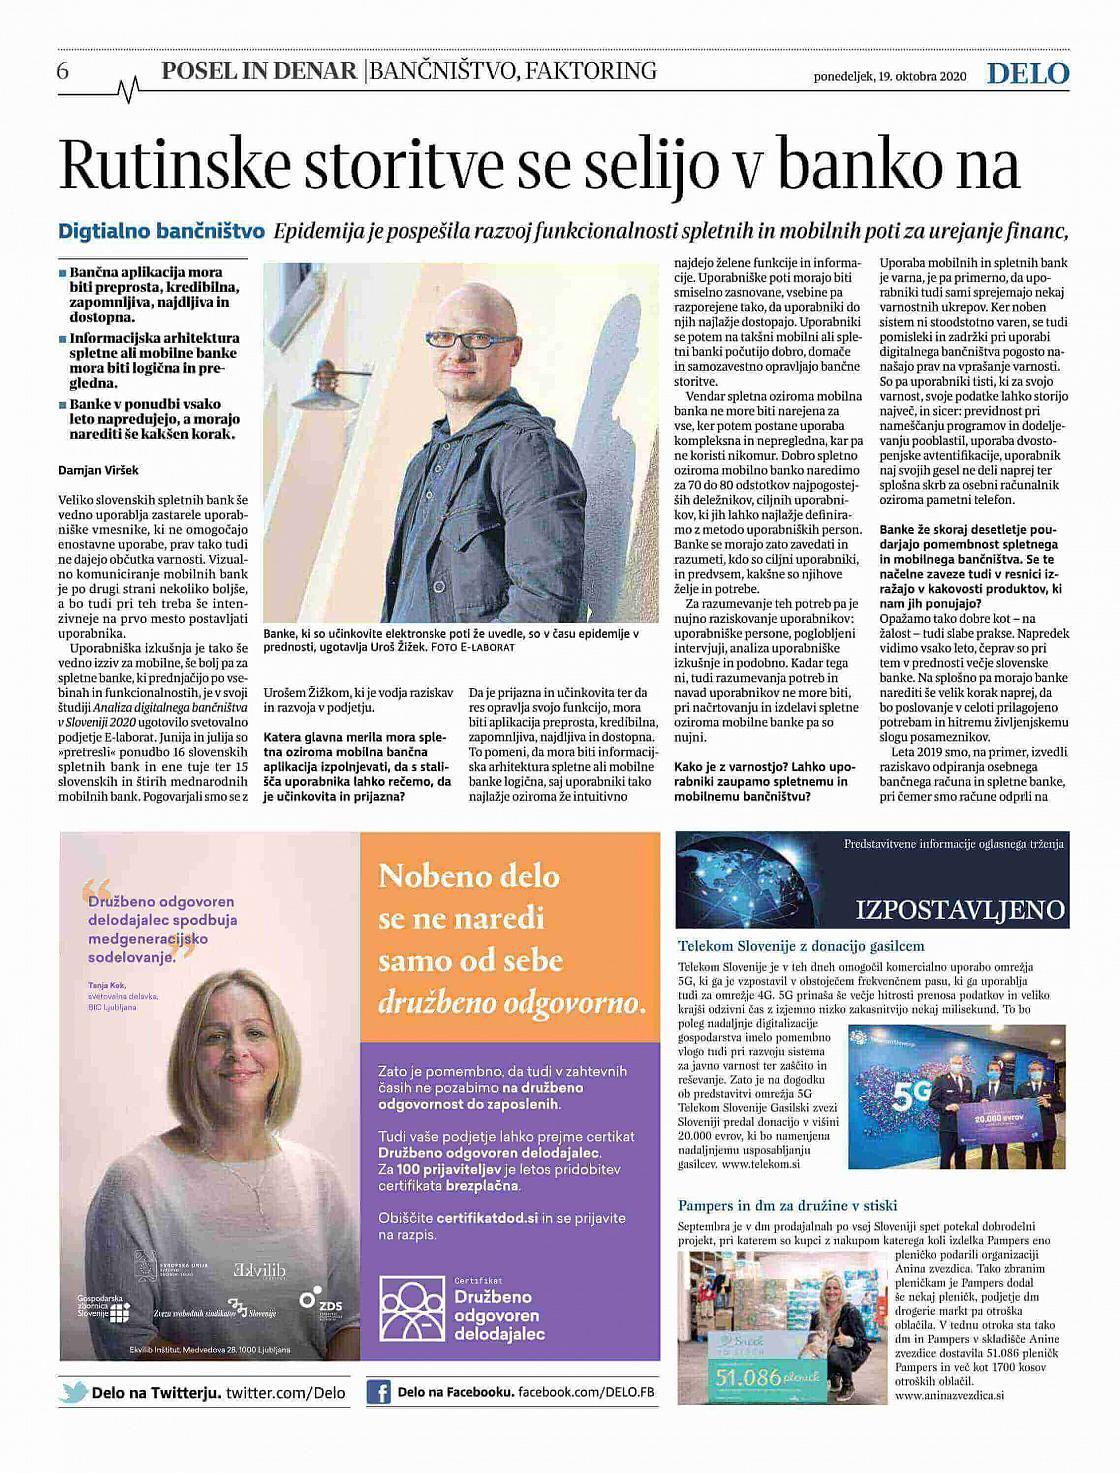 Intervju z Urošem Žižekom v Delu o digitalnem bančništvu v Sloveniji